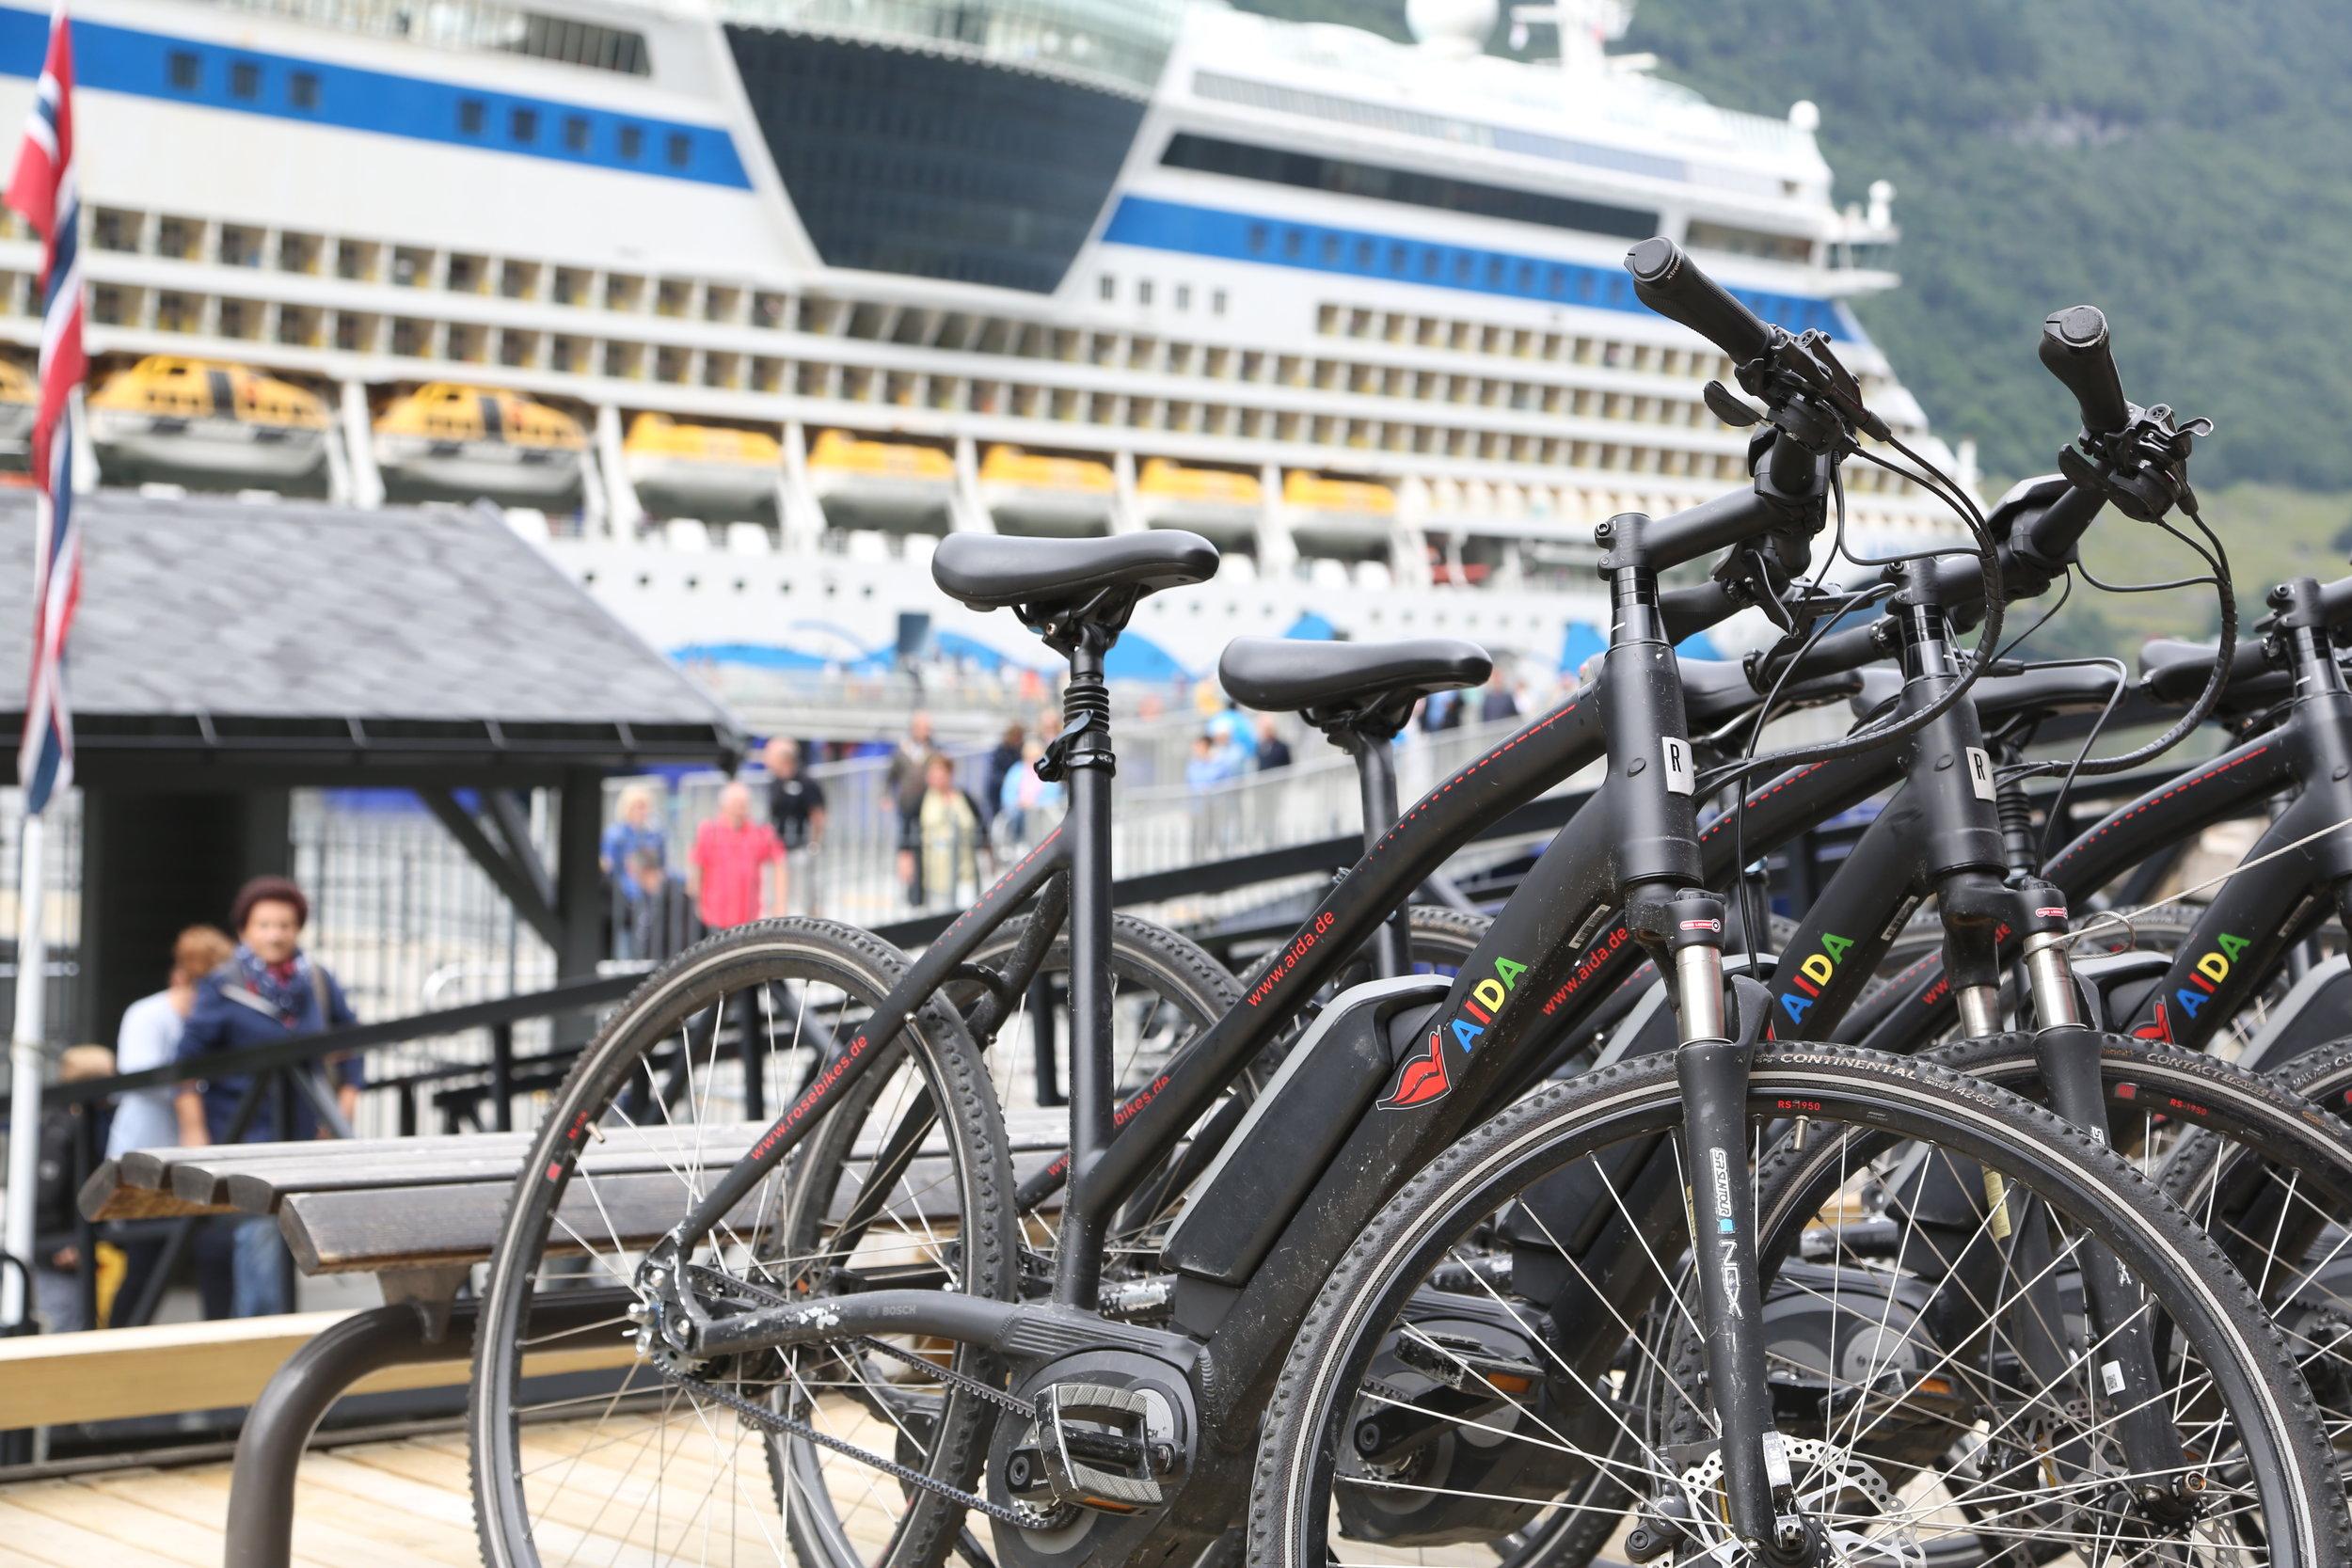 Cruisepassasjerene leier seg gjerne en sykkel. Men når de leier den om bord så blir det lite igjen i land. Foto: Odd Roar Lange